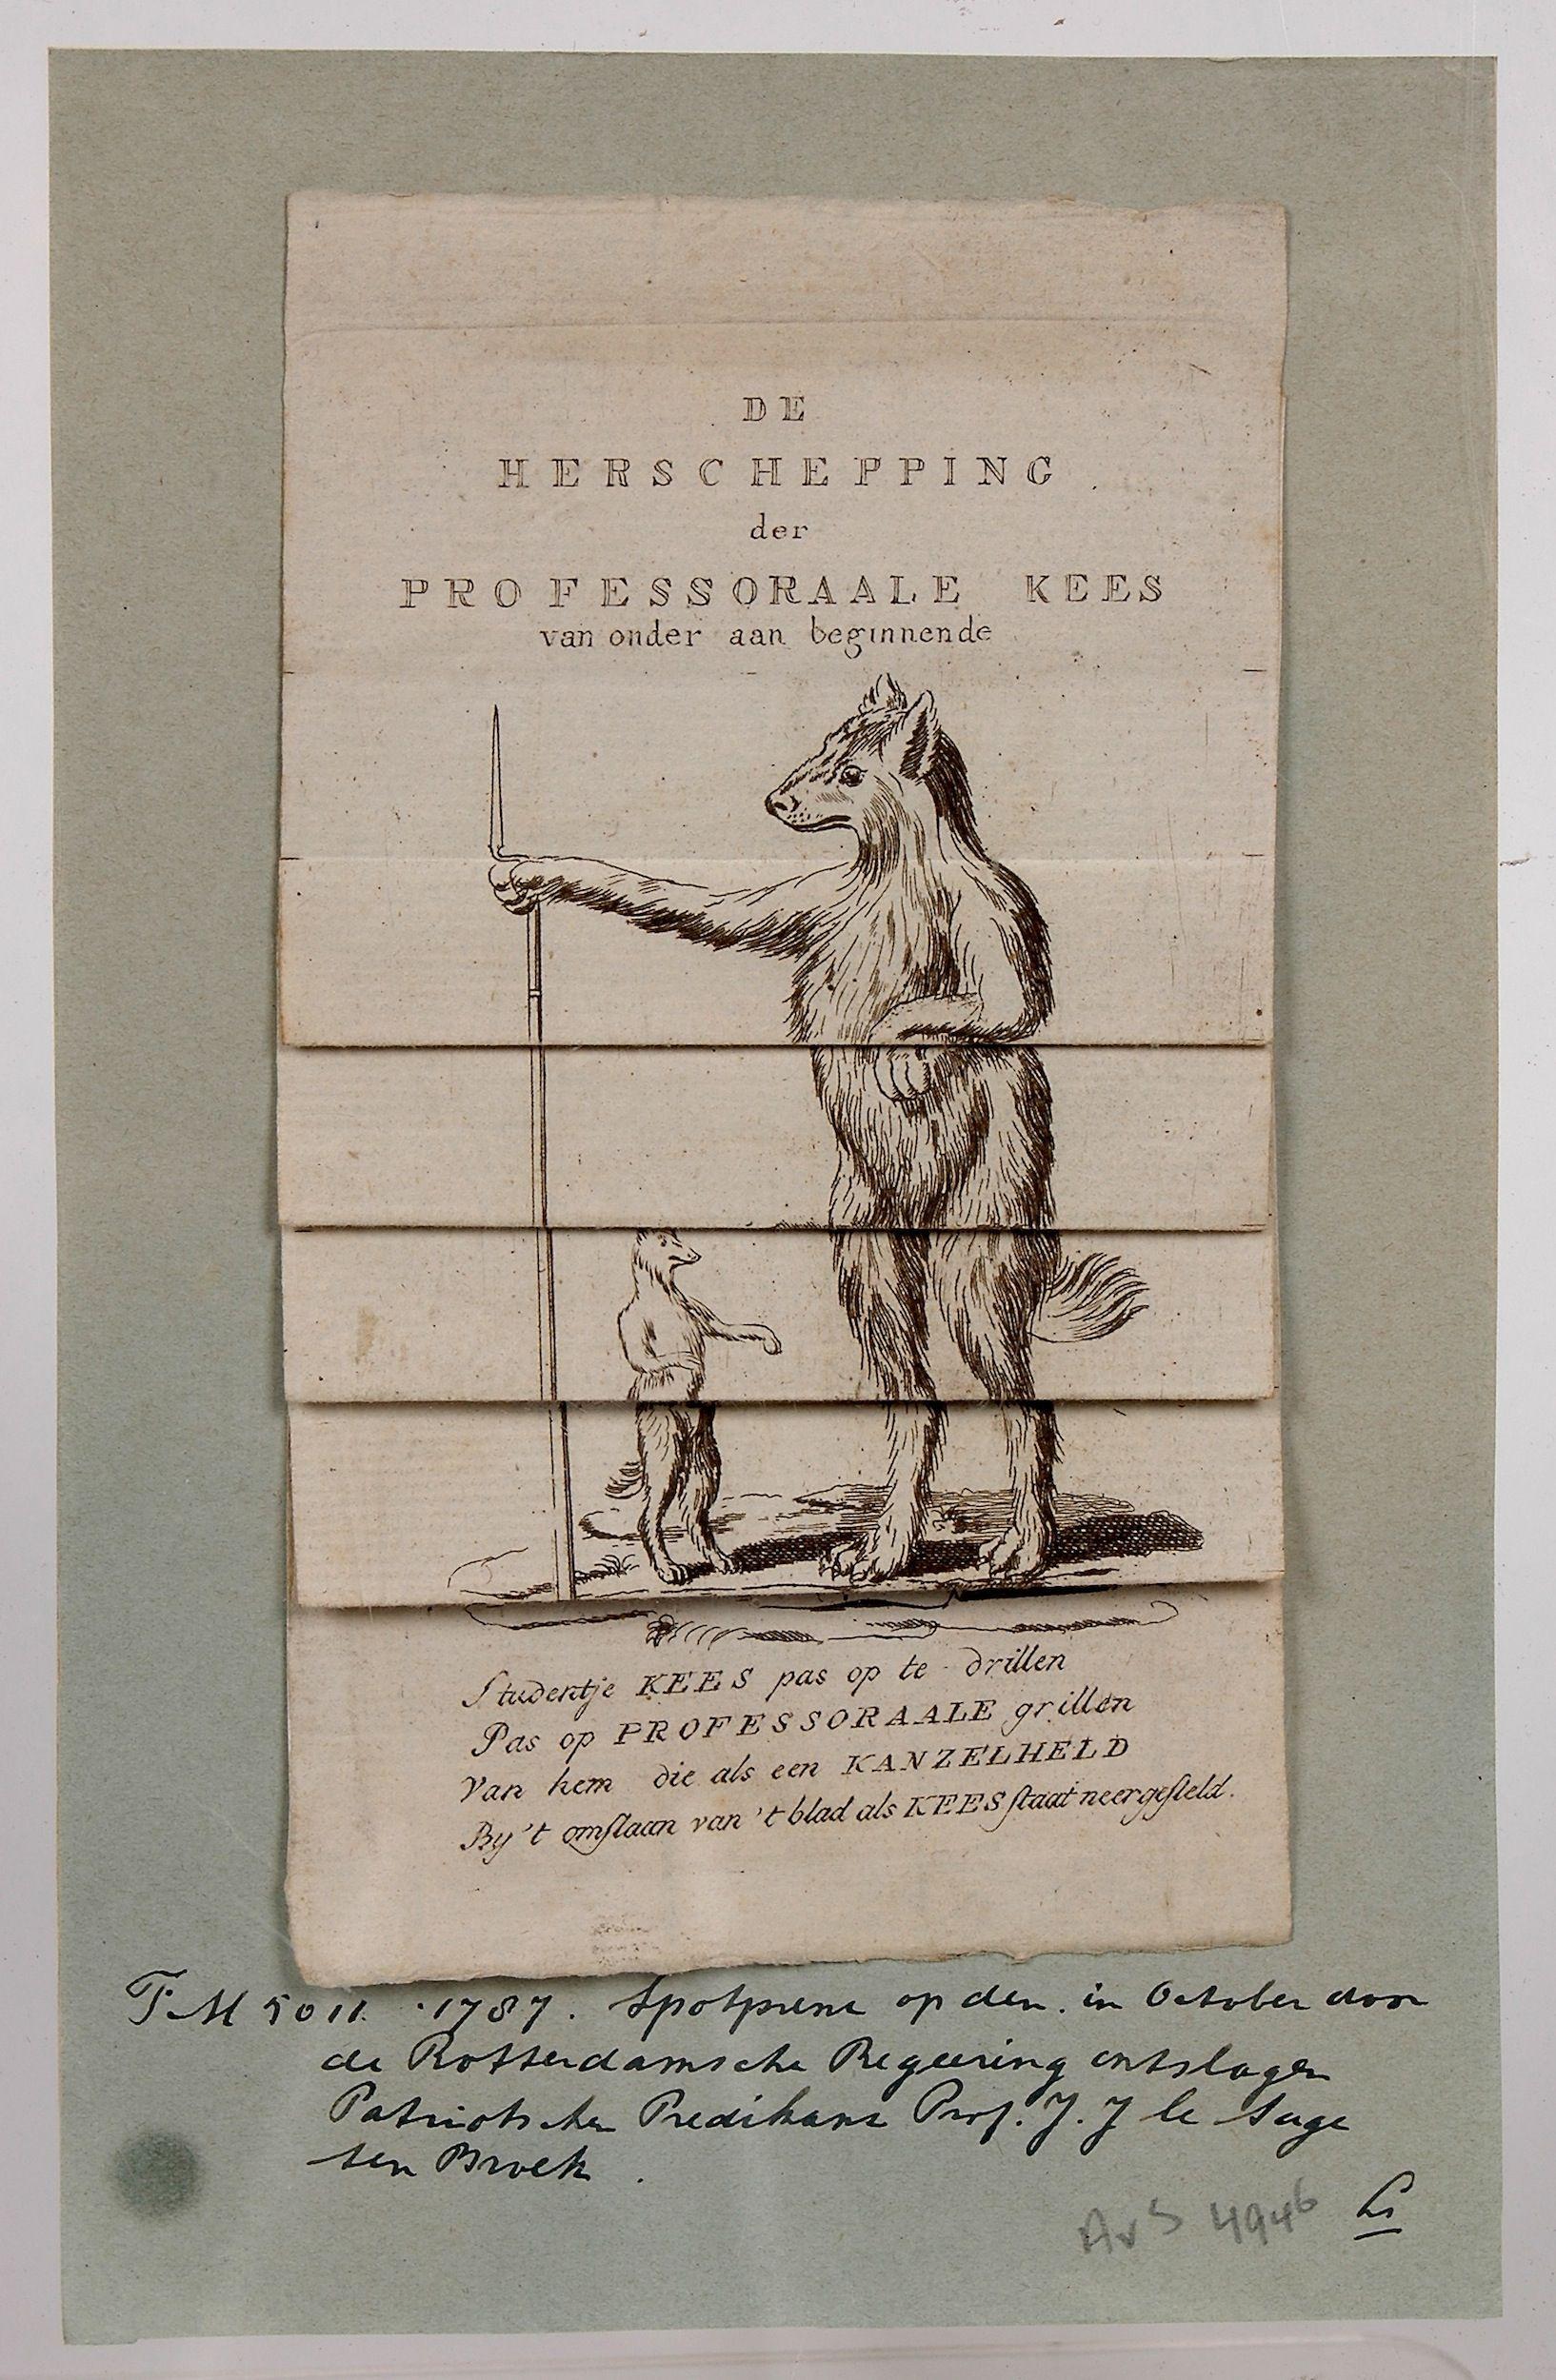 Spotprent op patriotse professoren, 1787